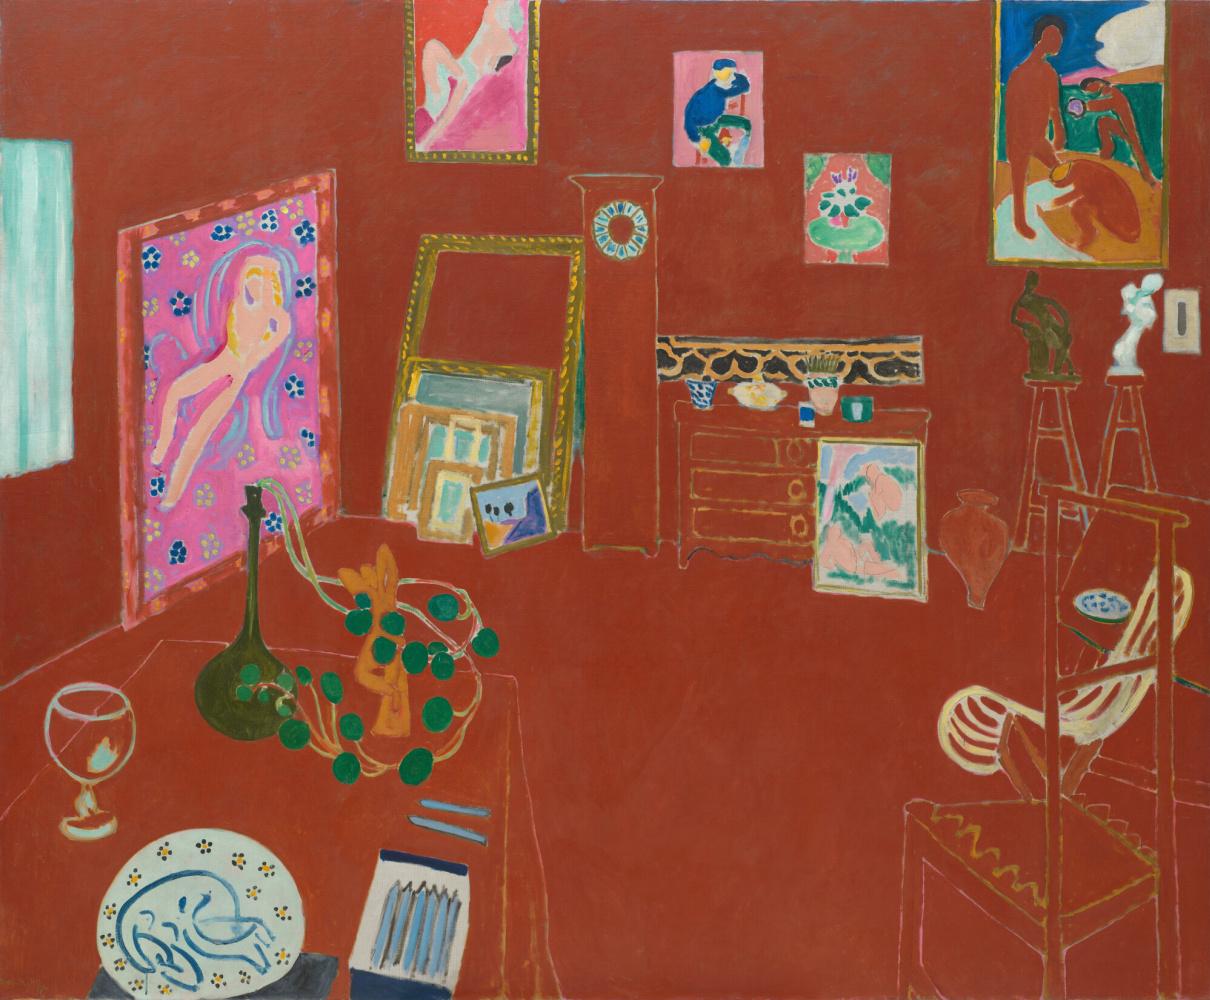 В Нью-Йорке готовят большую выставку, посвящённую одной картине Матисса